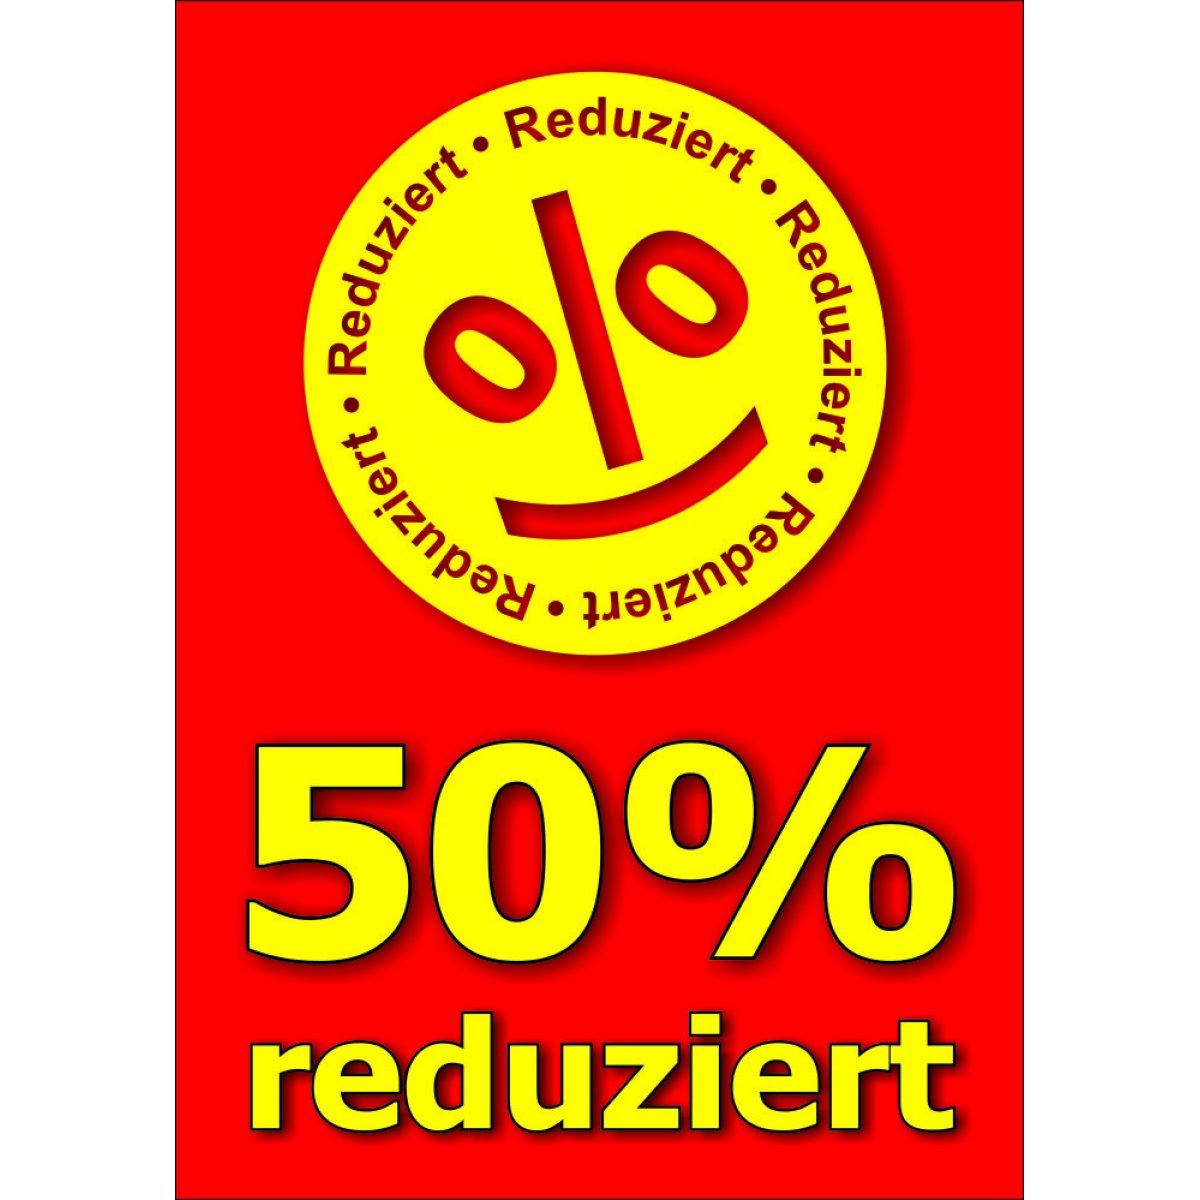 Plakat 50 prozent reduziert for Koch 50 prozent